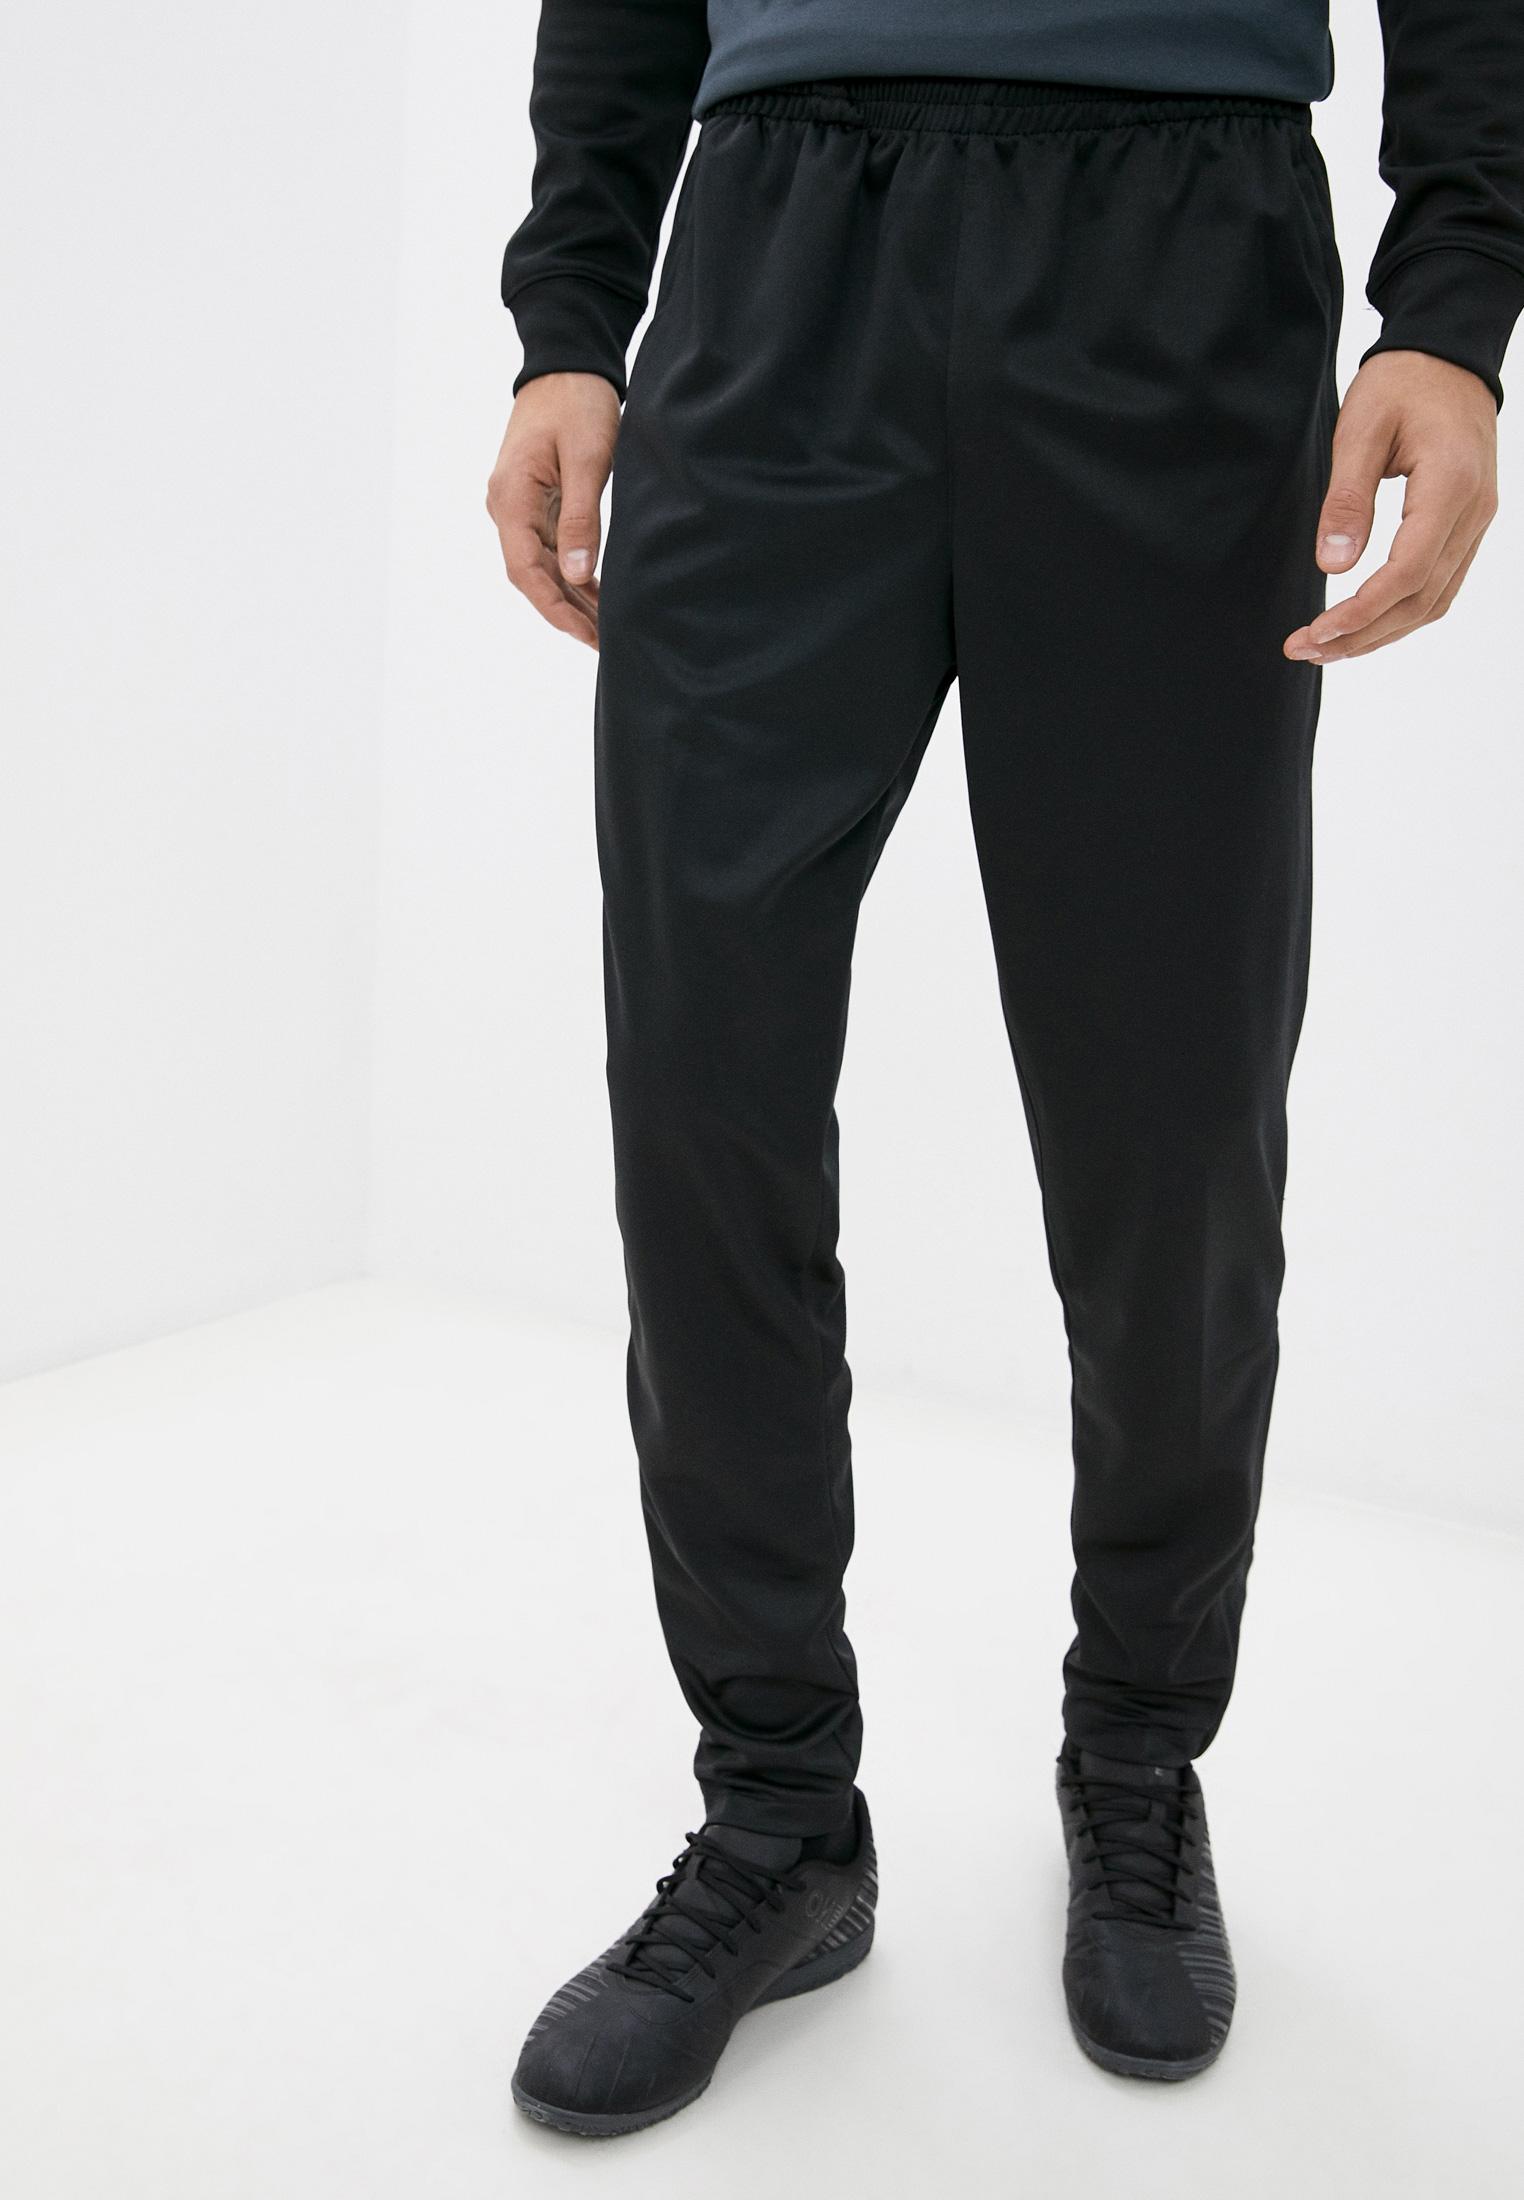 Мужские спортивные брюки Joma 100027